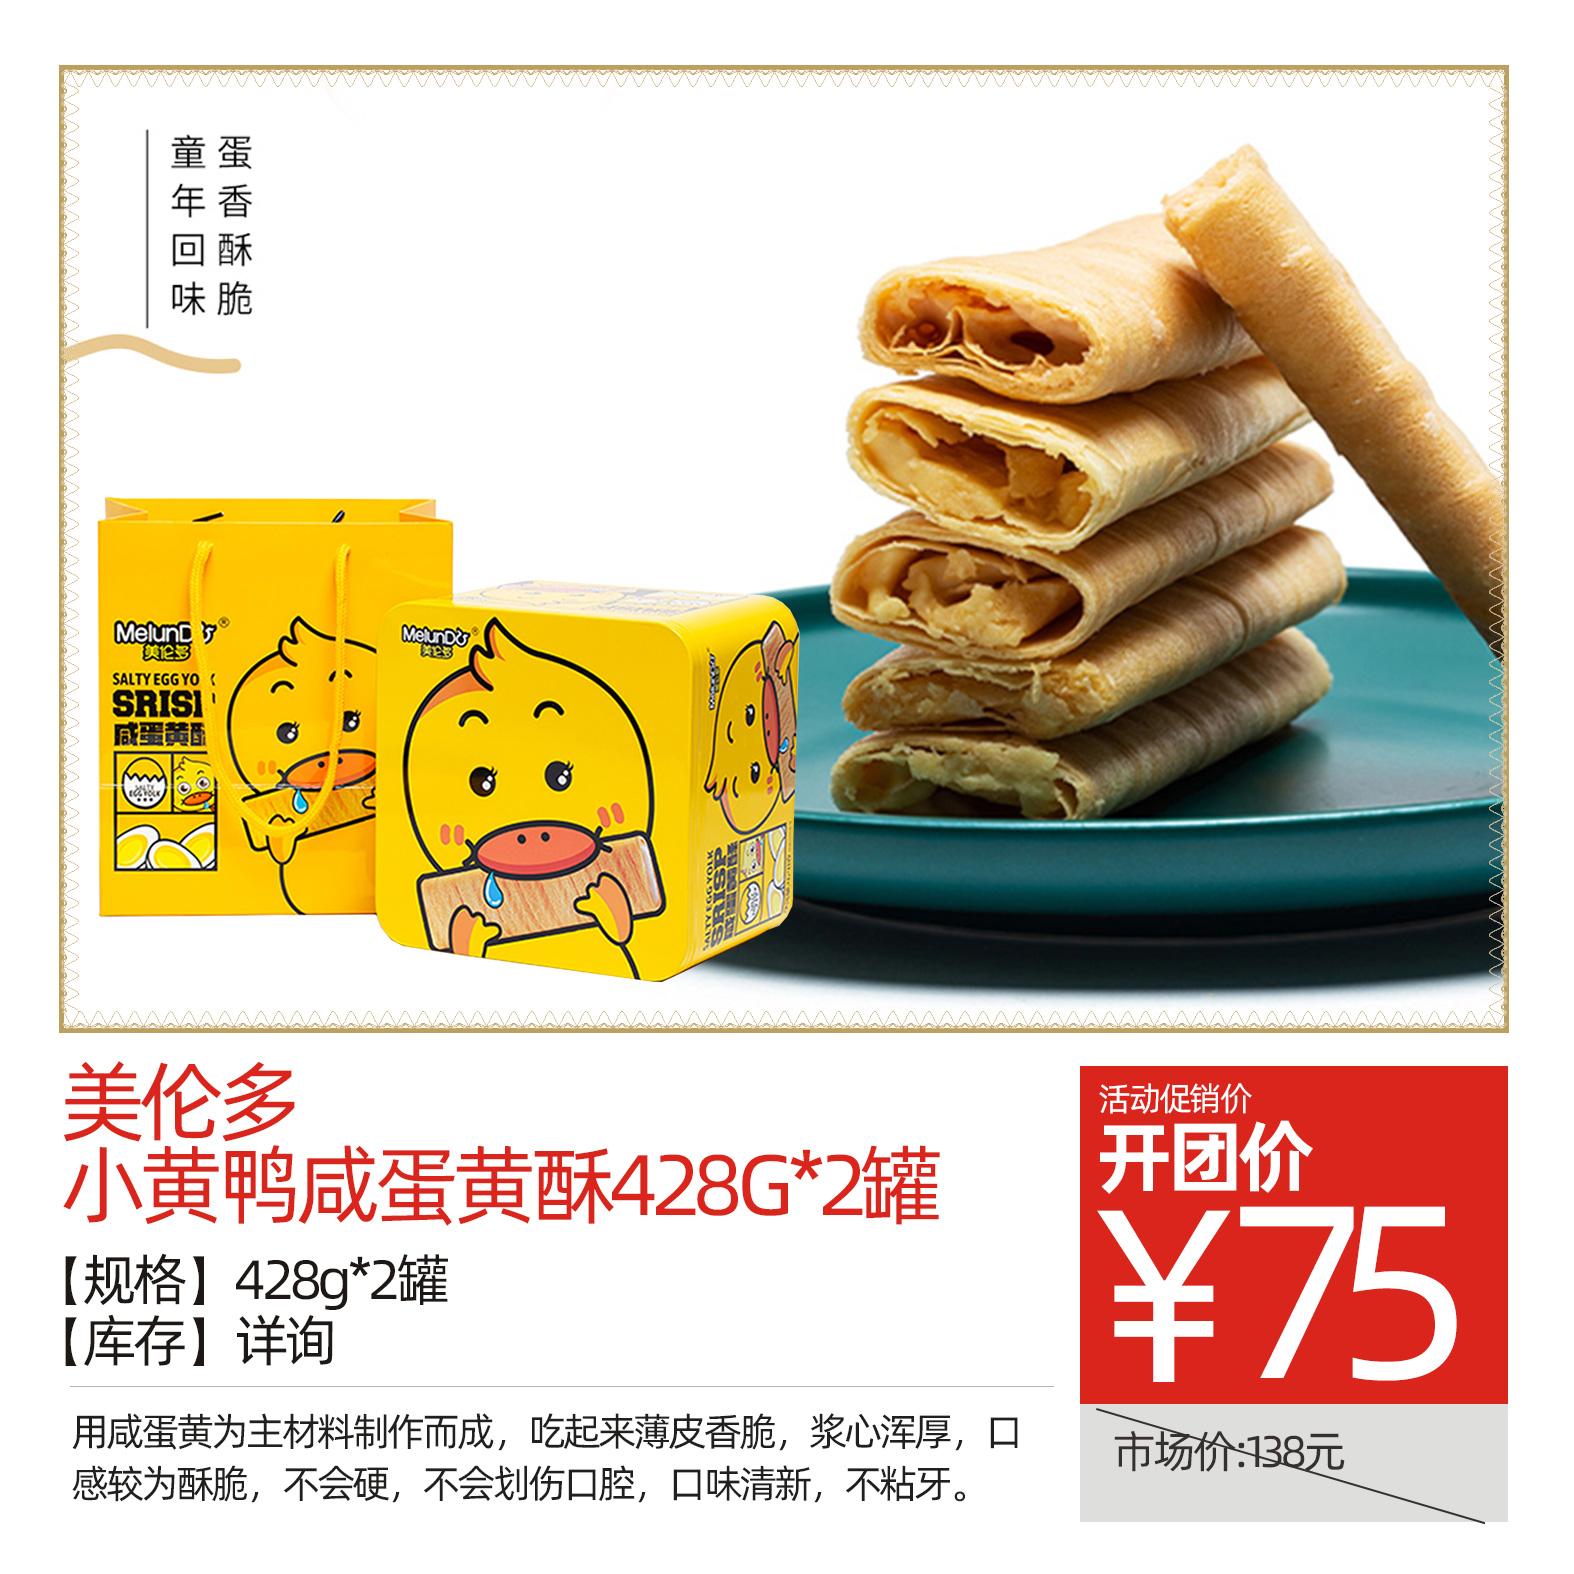 美伦多·小黄鸭咸蛋黄酥428g